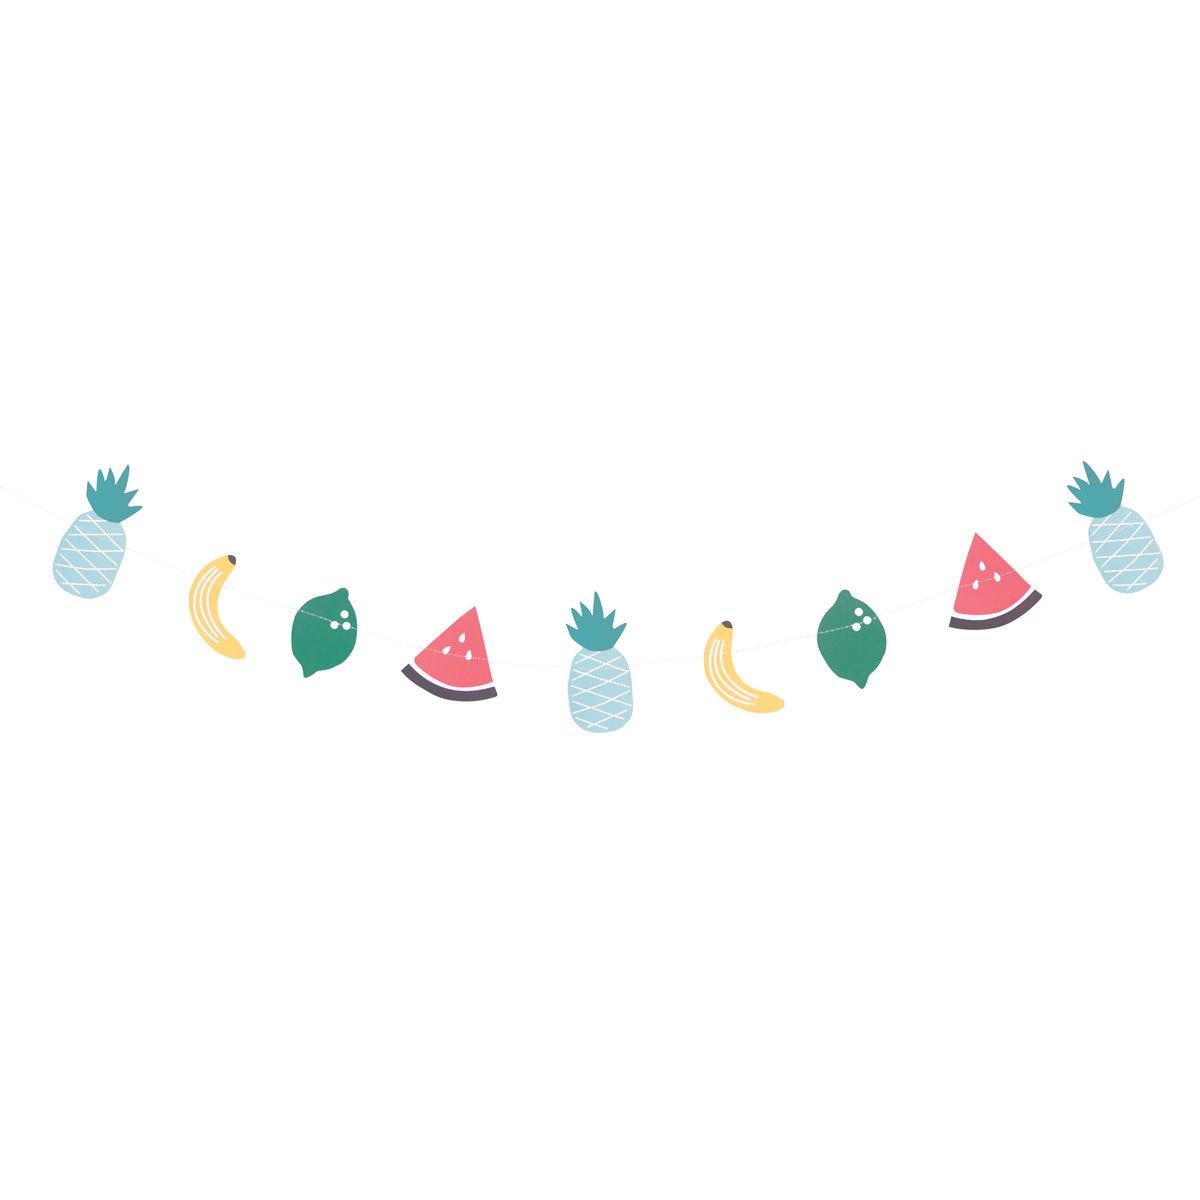 Anniversaire & Fête Guirlande Papier - Fruits Exotiques Guirlande Papier - Fruits Exotiques